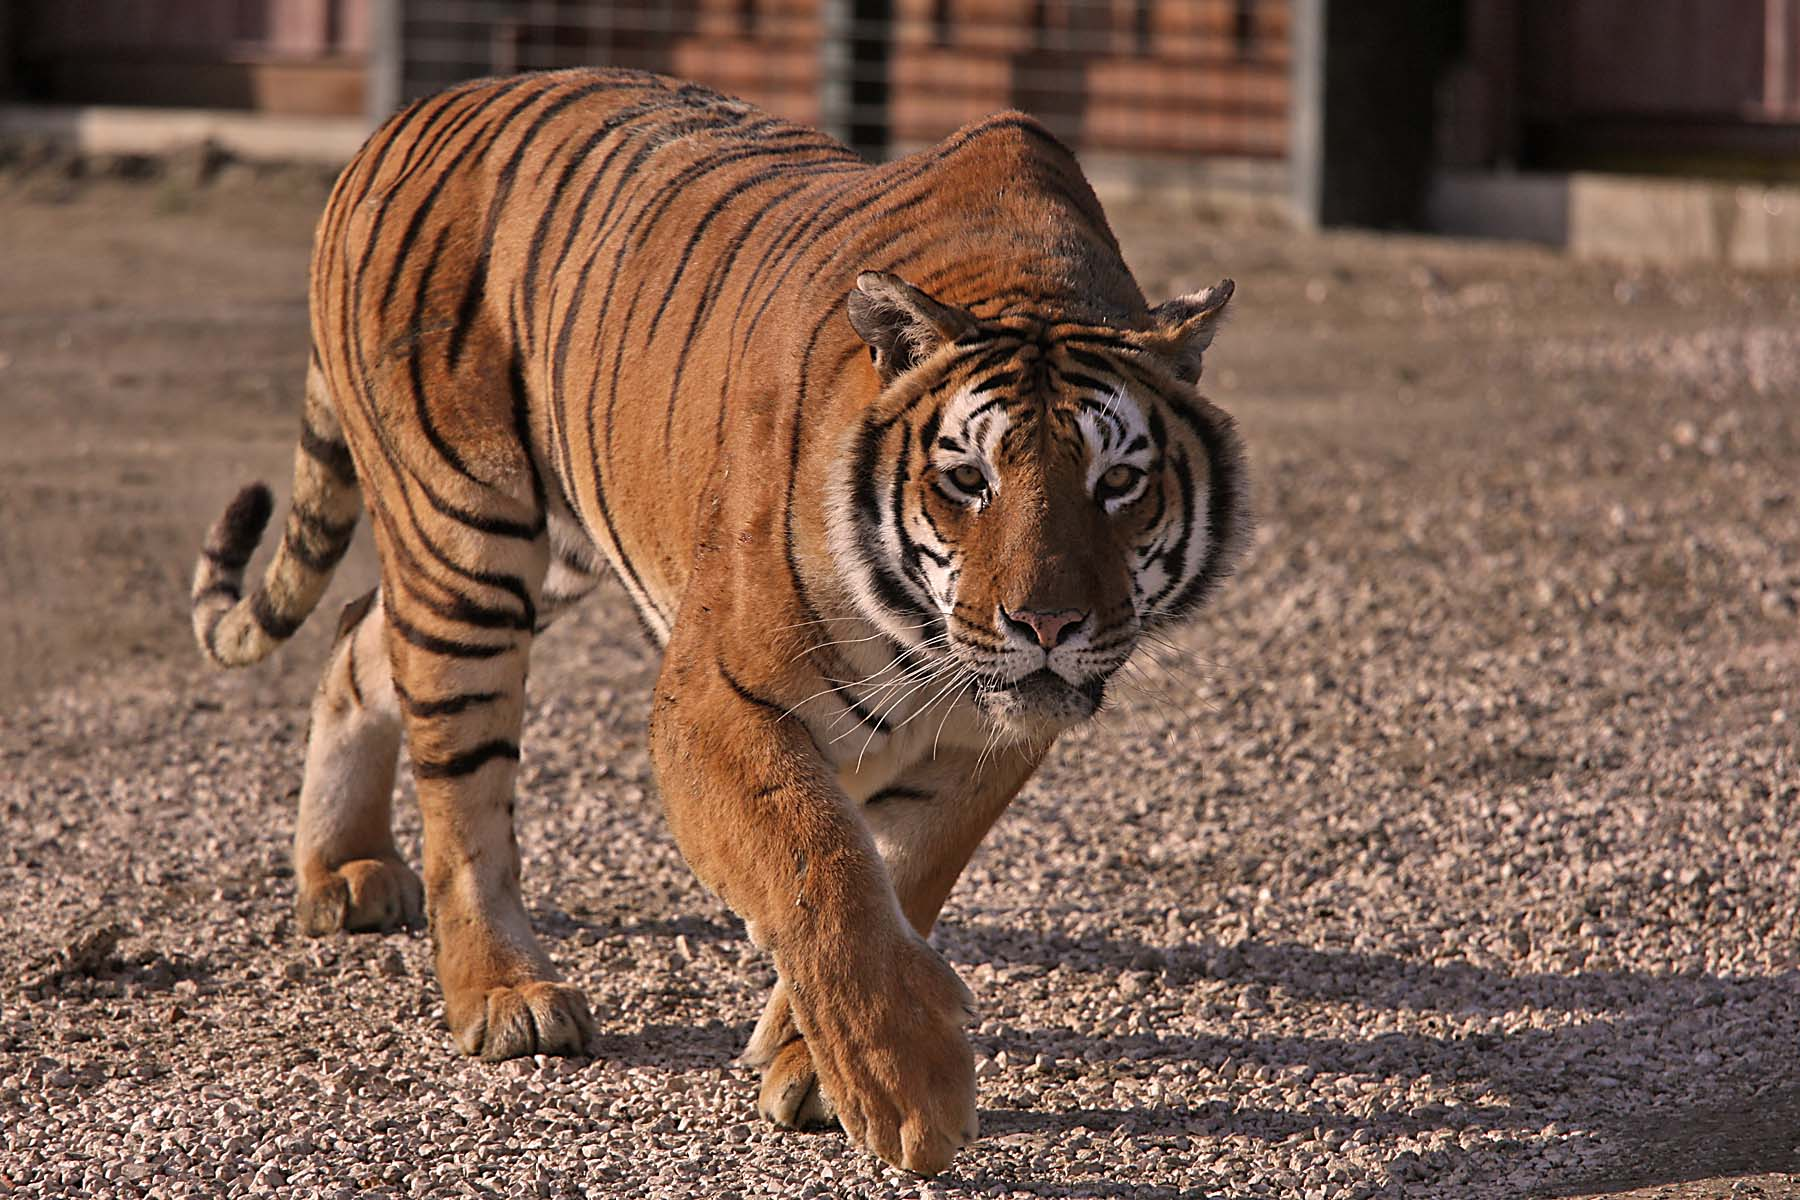 Tigre safari ravenna loc mirabilandia for Disegni delle tigri